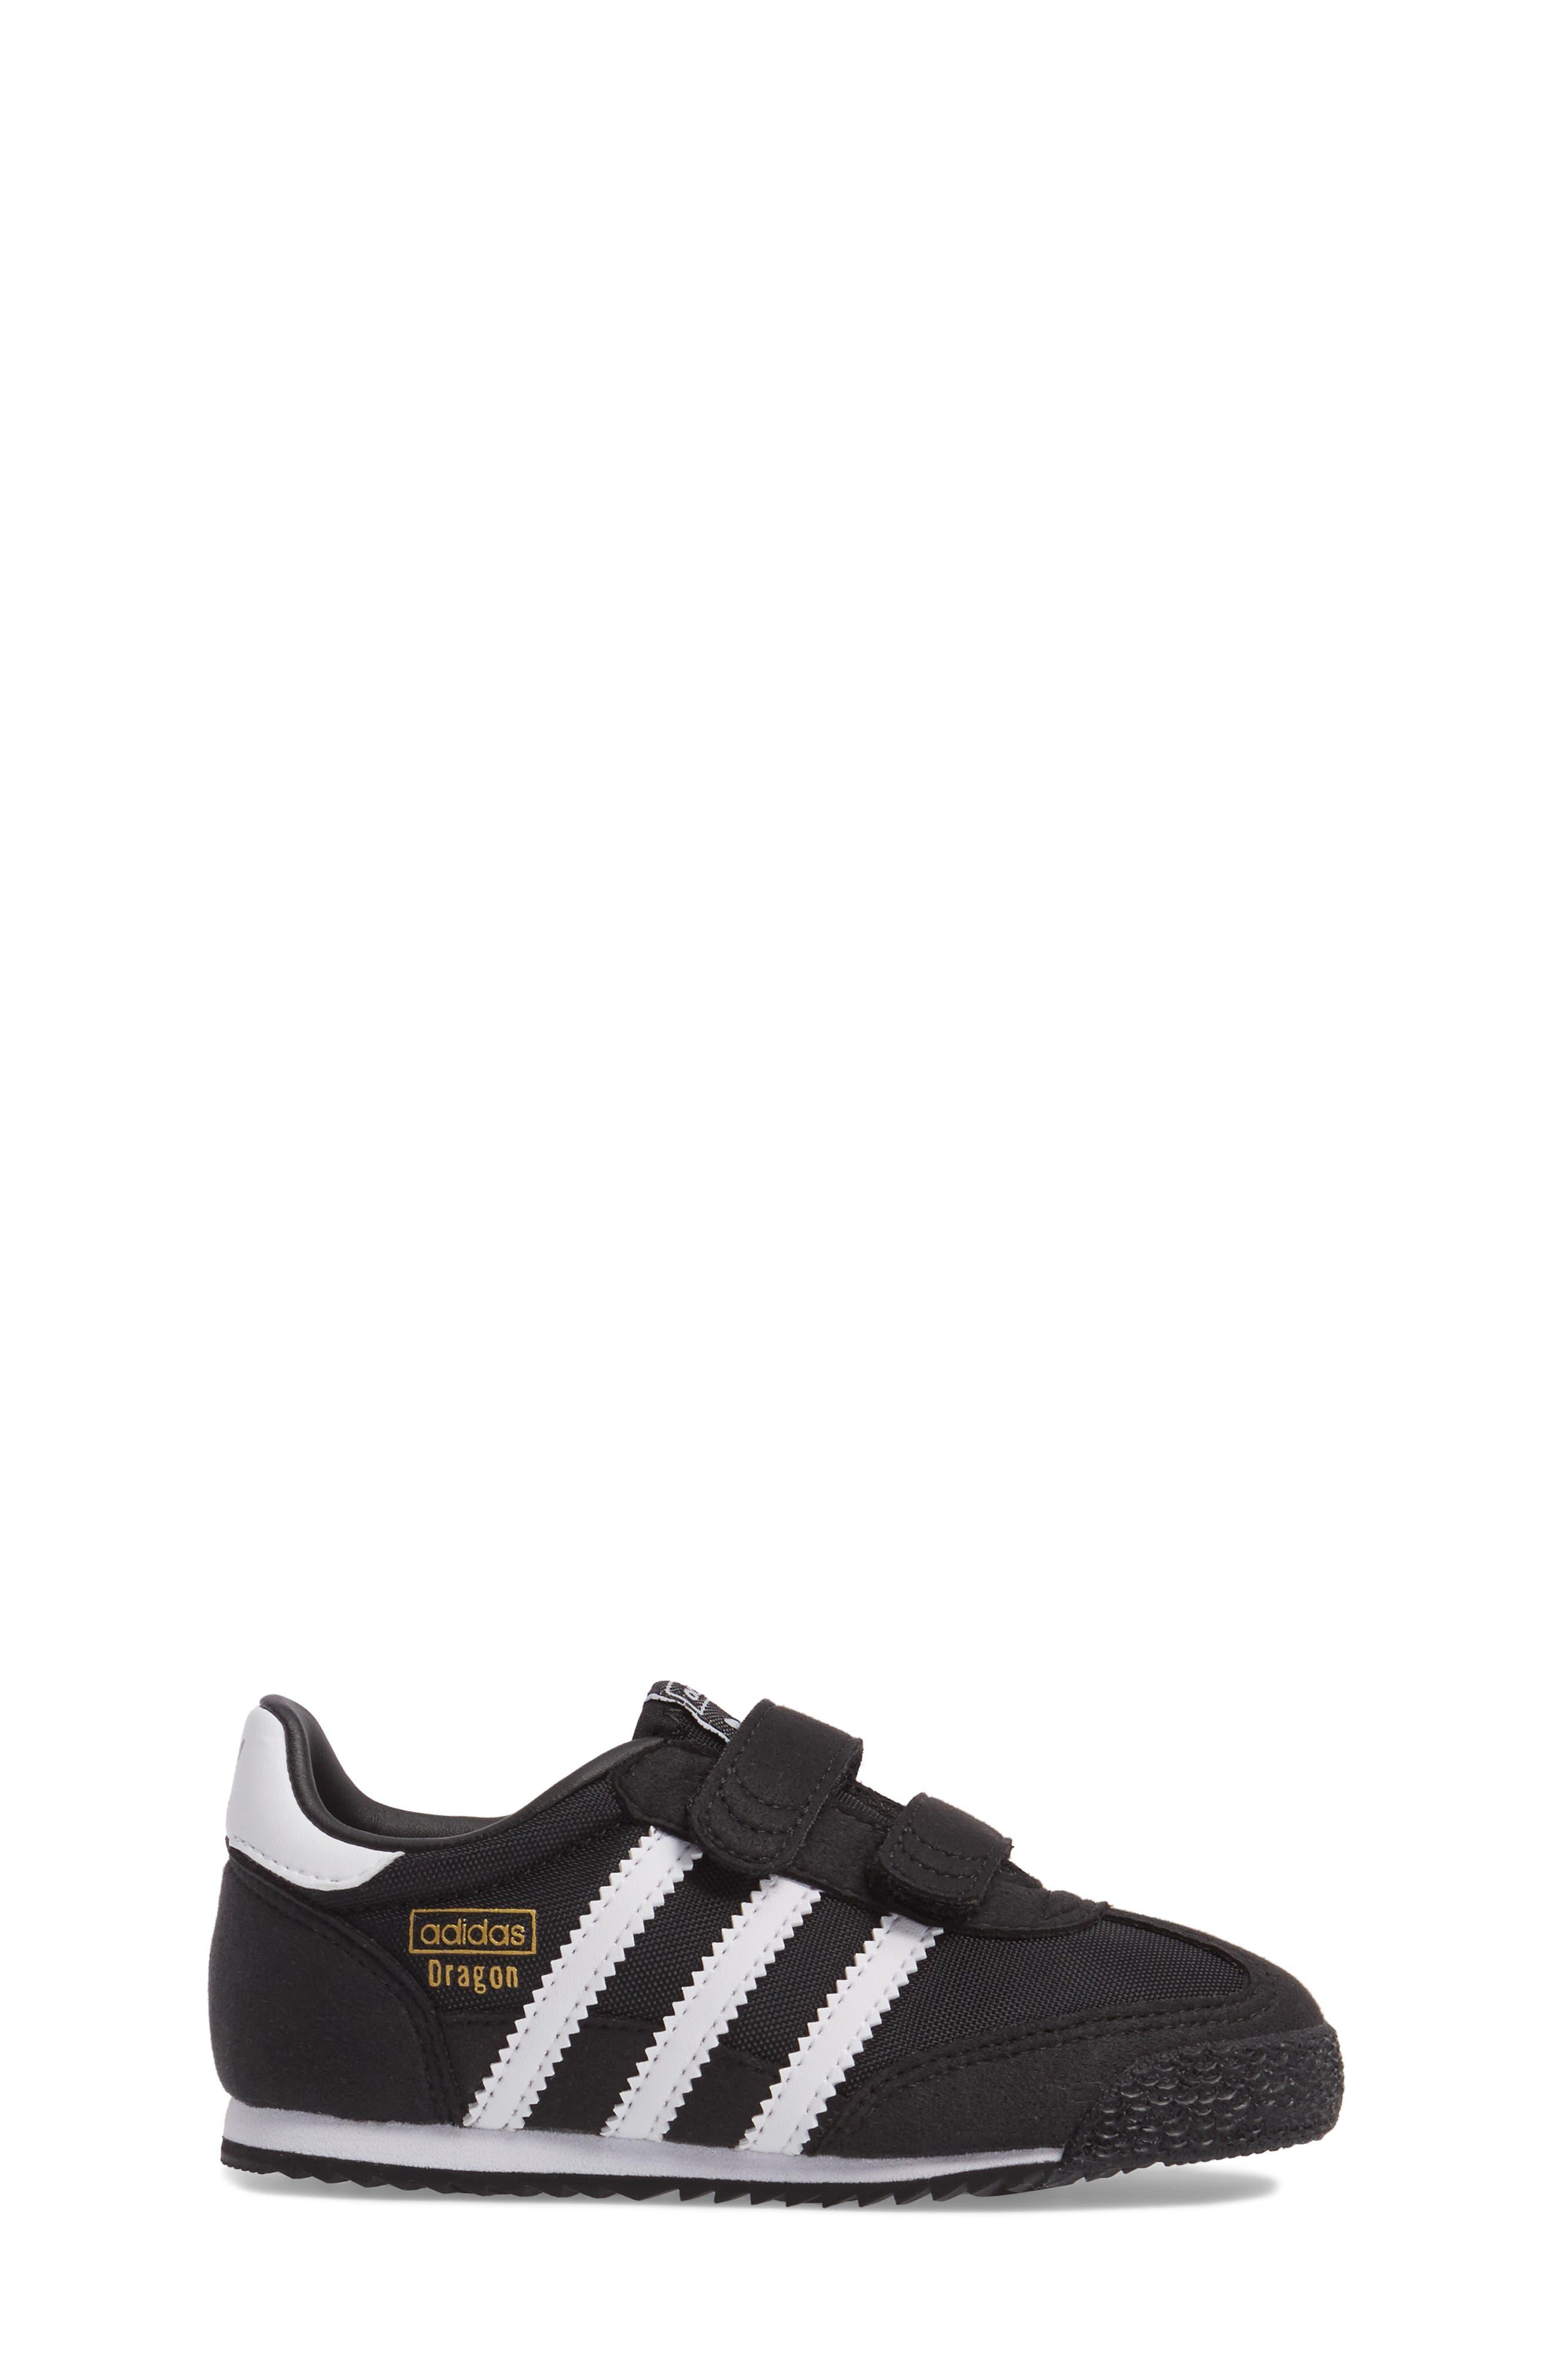 Alternate Image 3  - adidas Dragon OG CF Athletic Shoe (Baby, Walker & Toddler)